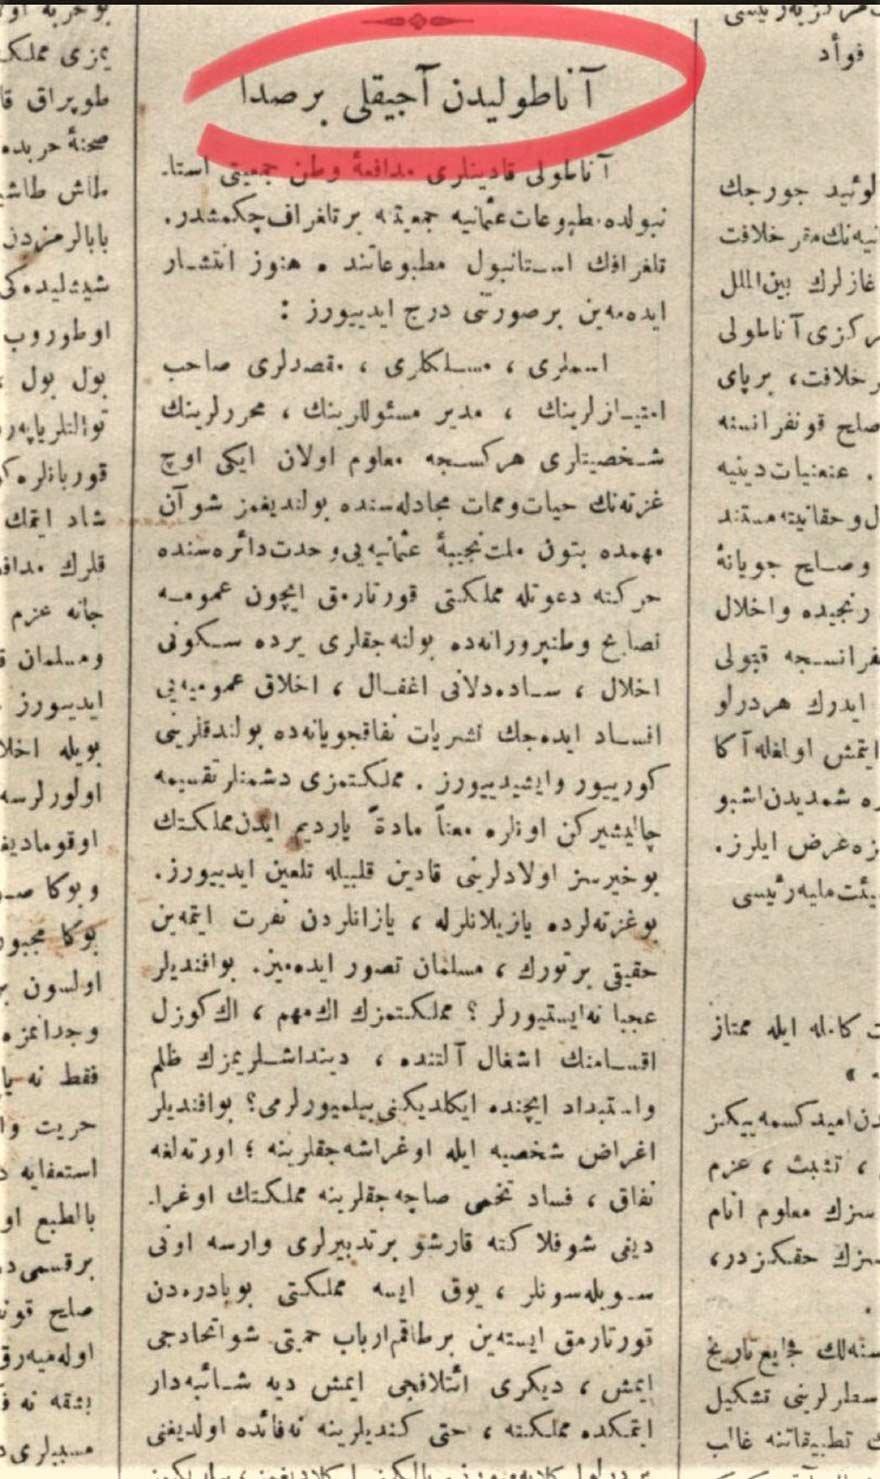 Hakimiyet-i Milliye, 2 Şubat, 1336 (1920), Sivas Anadolu Kadınları Müdafaa-i Vatan Cemiyeti'nin 'Anadolu'dan Acıklı Bir Sada' başlıklı bildirisi.